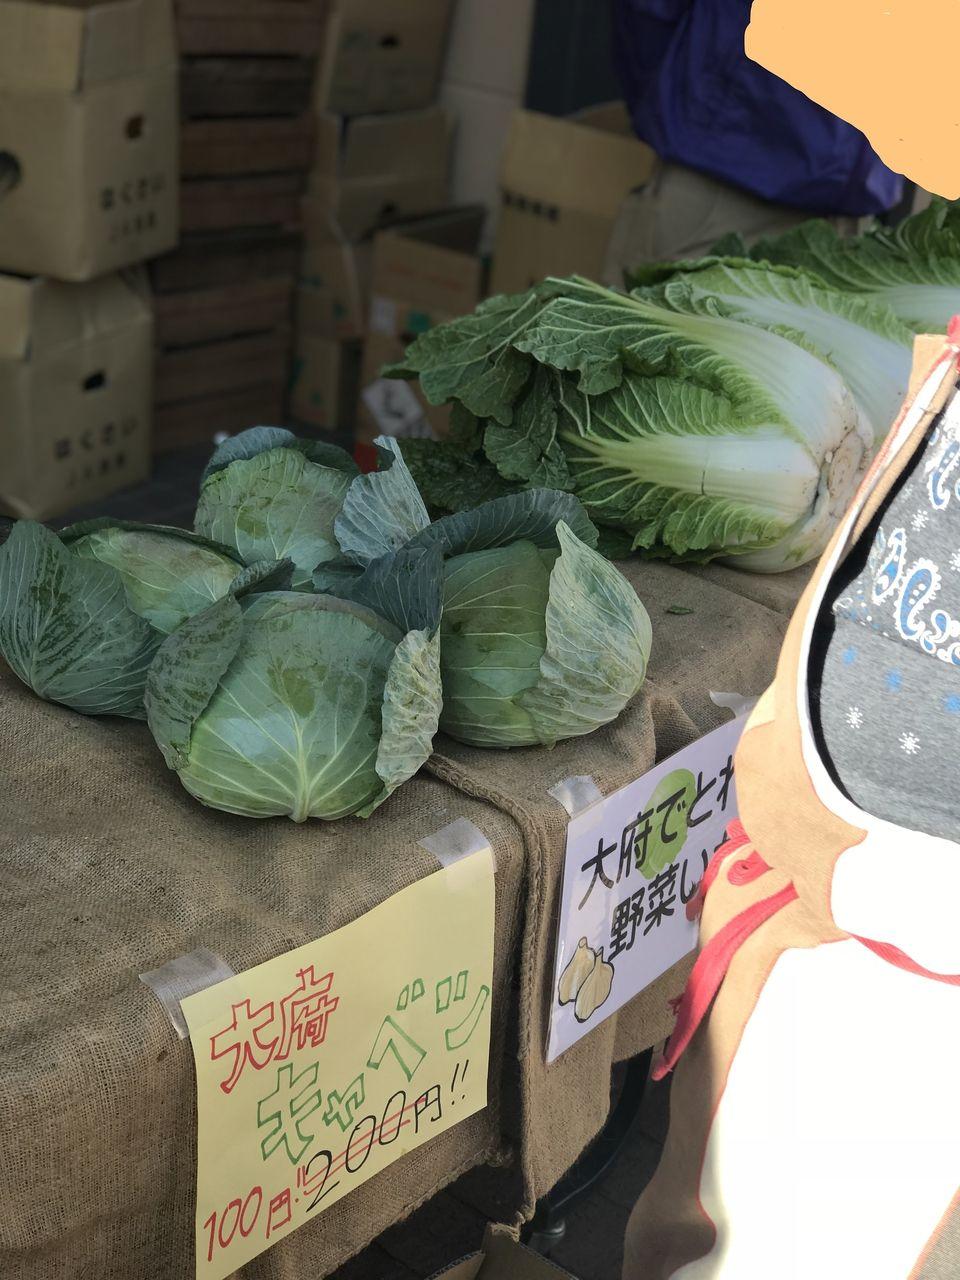 愛知県はキャベツの生産で、群馬県と1,2位を争っている。